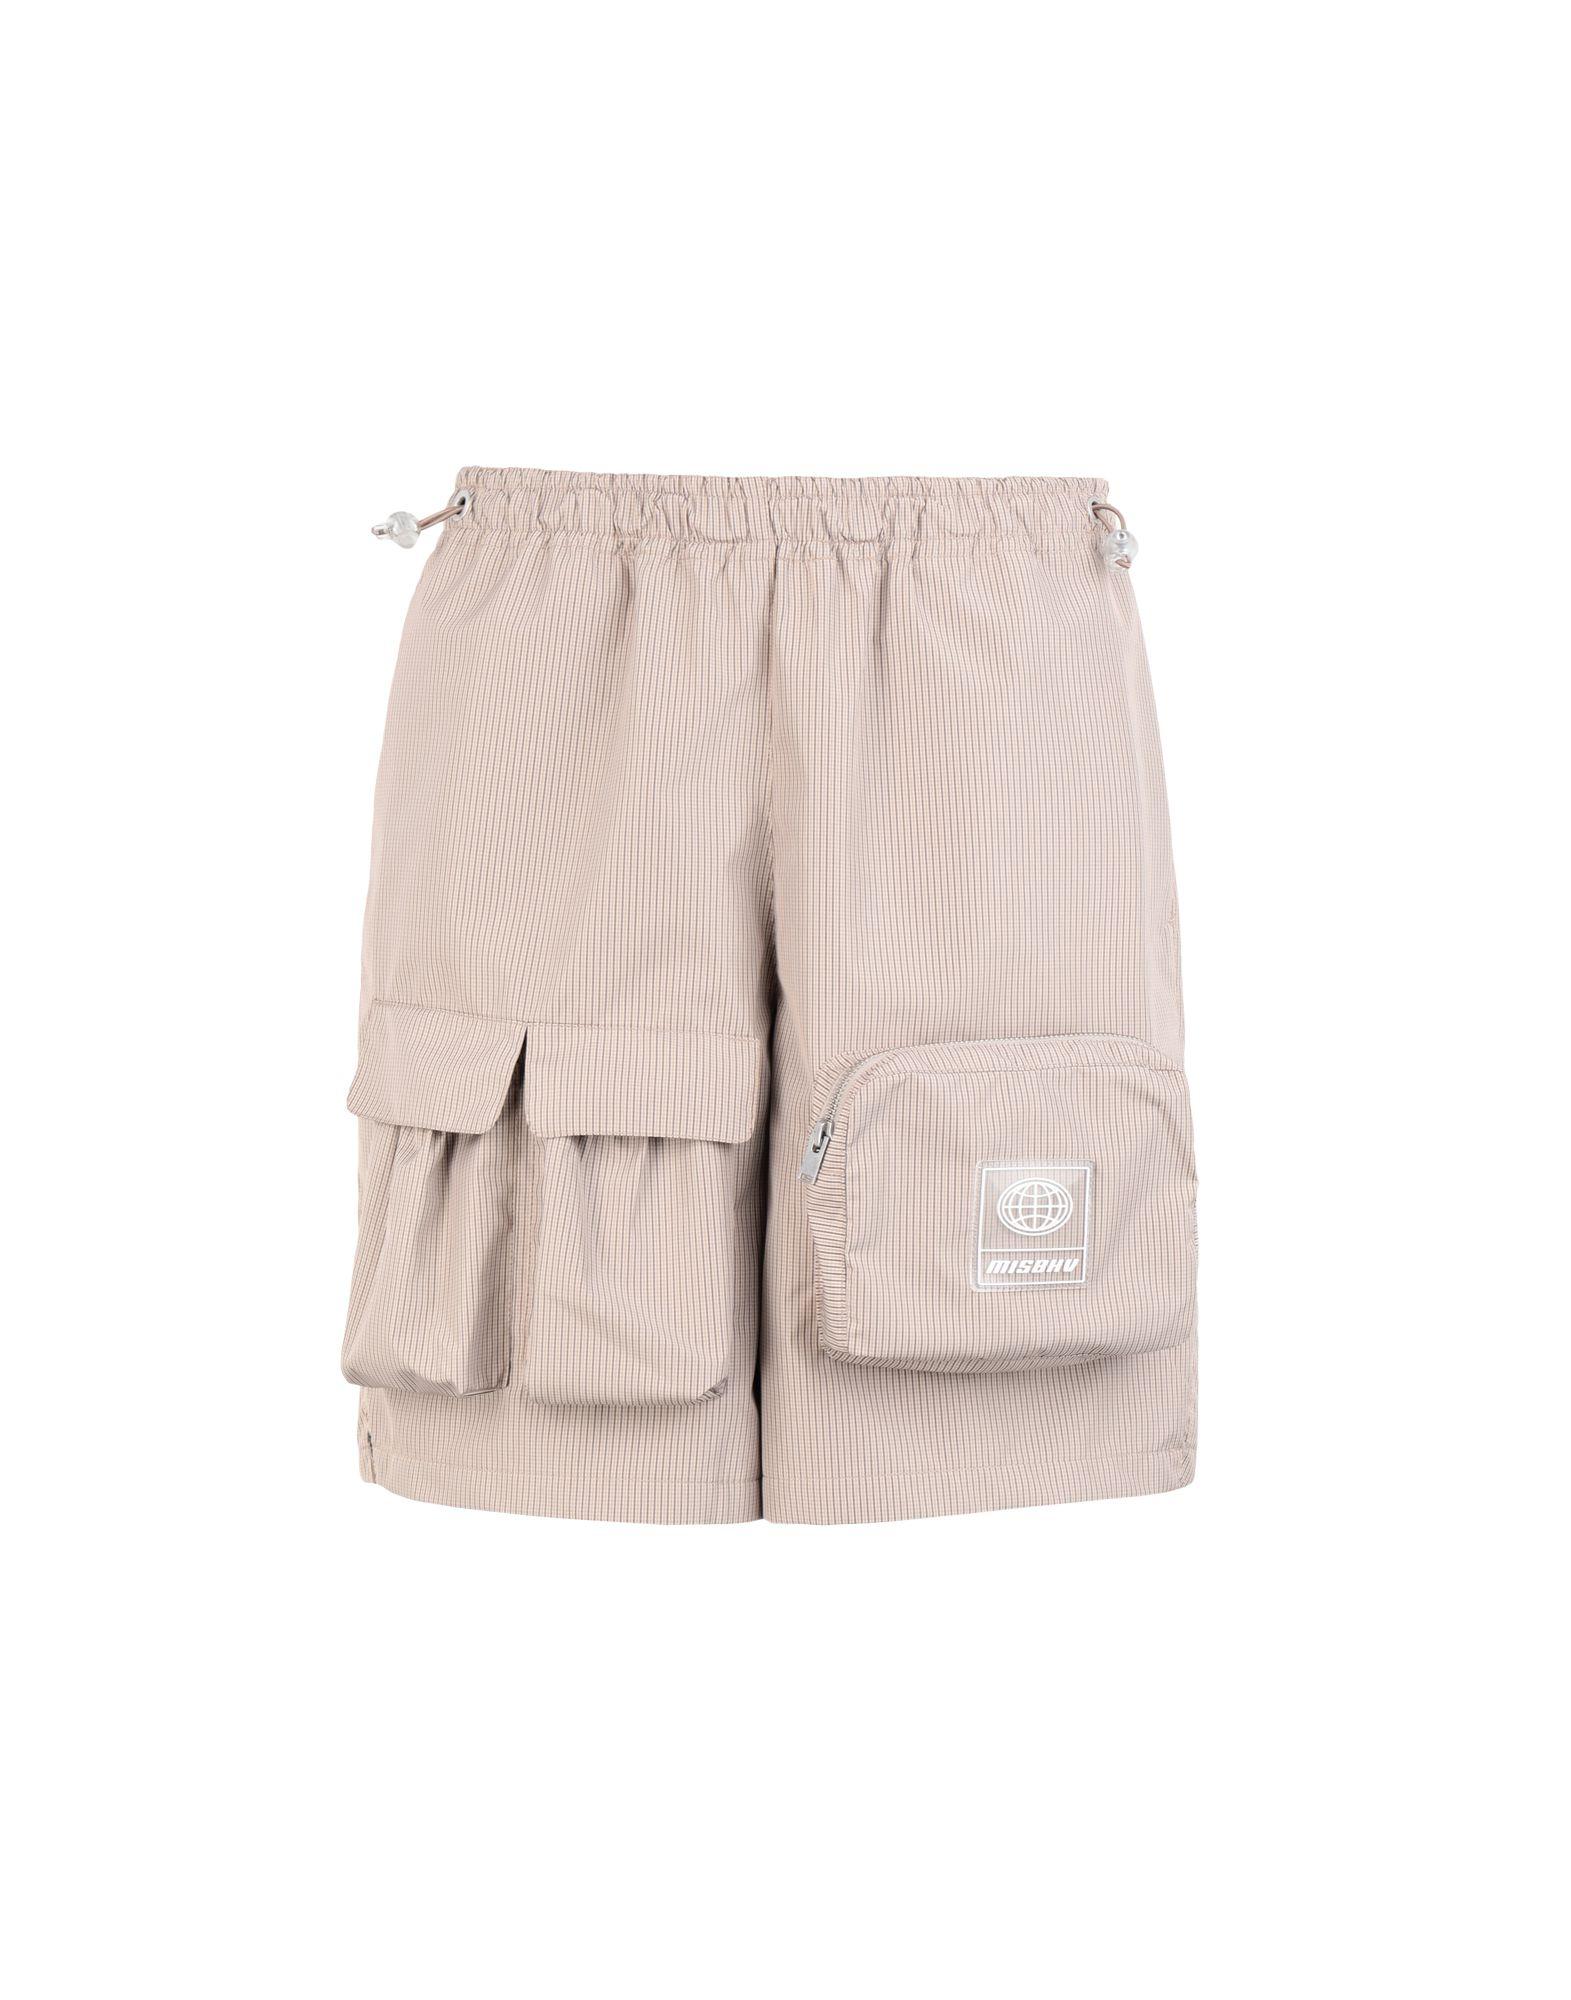 Misbhv Shorts Shorts & Bermuda